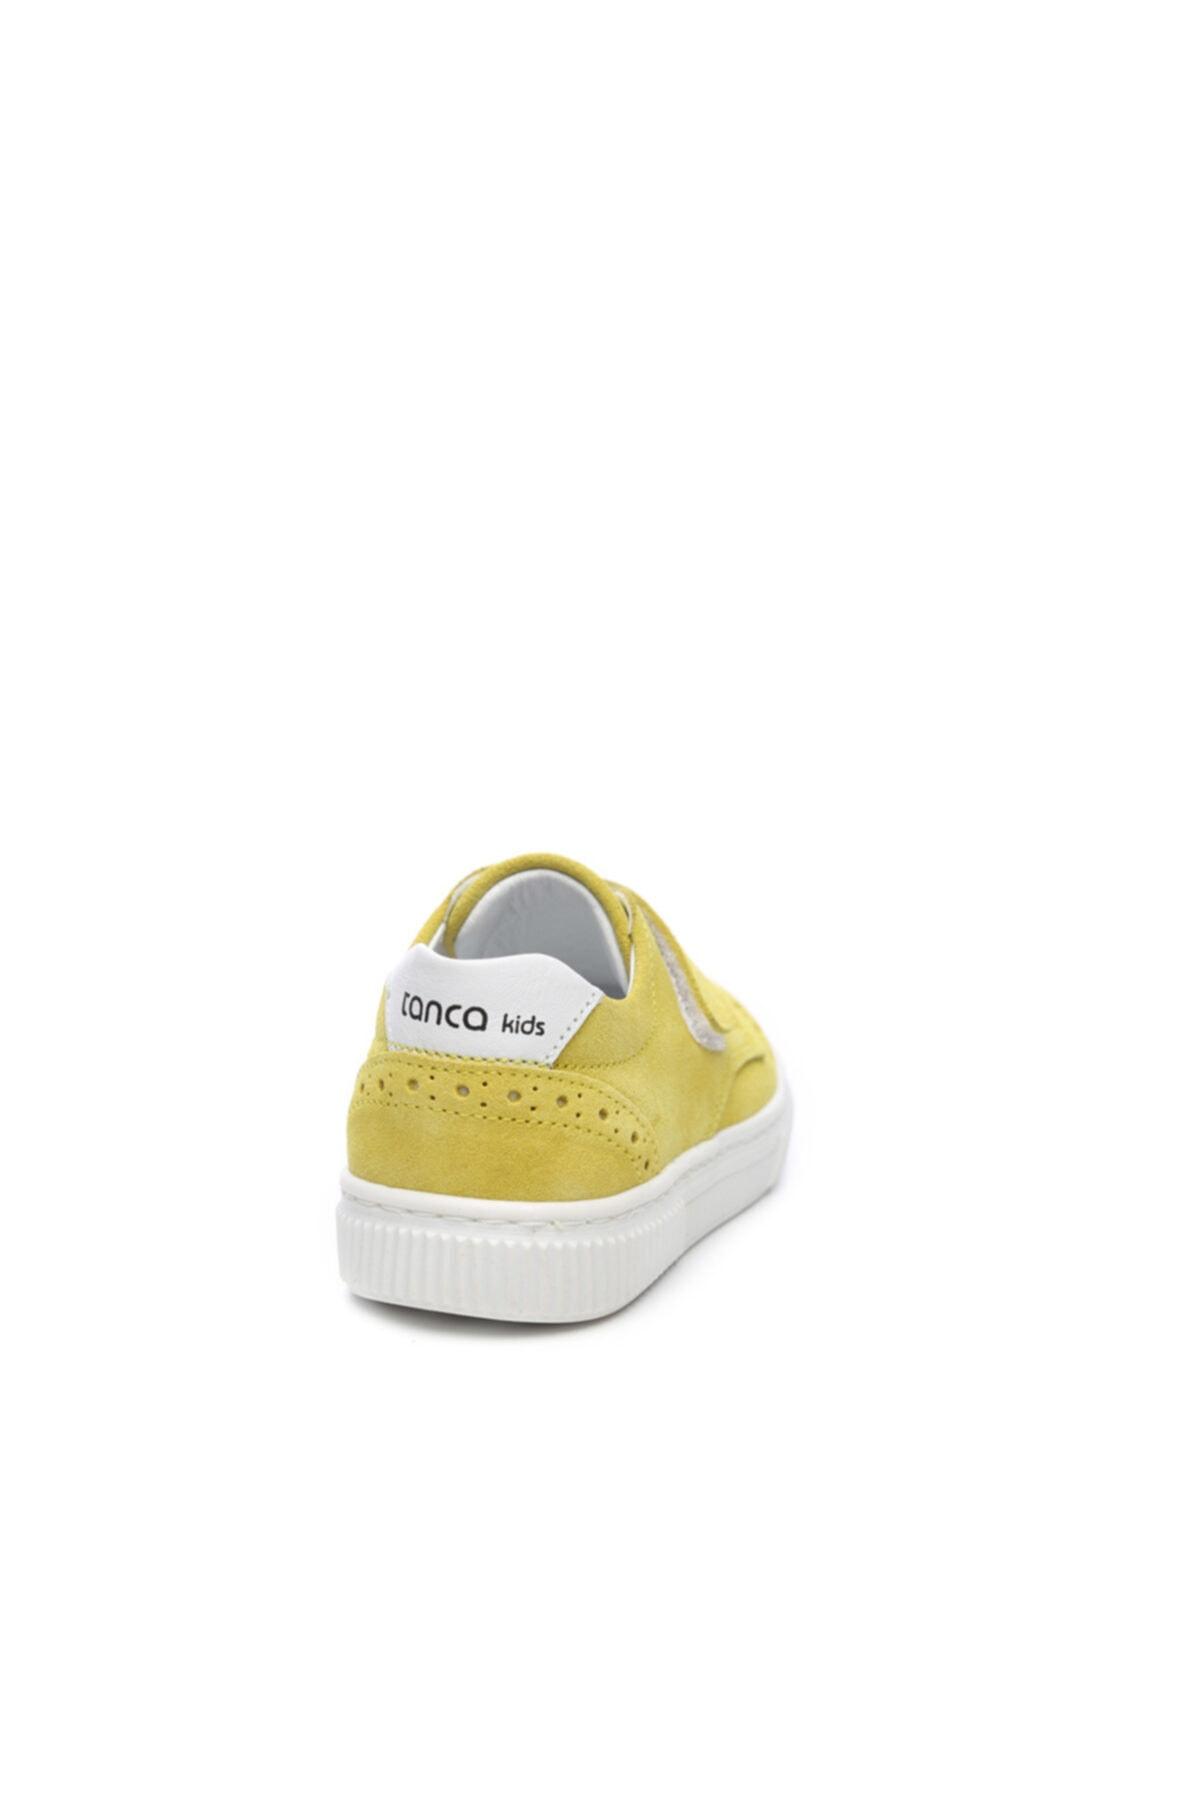 KEMAL TANCA Unisex Çocuk Sarı  Derı Çocuk Ayakkabı Ayakkabı 407 2028 Cck 21-30 Y19 2